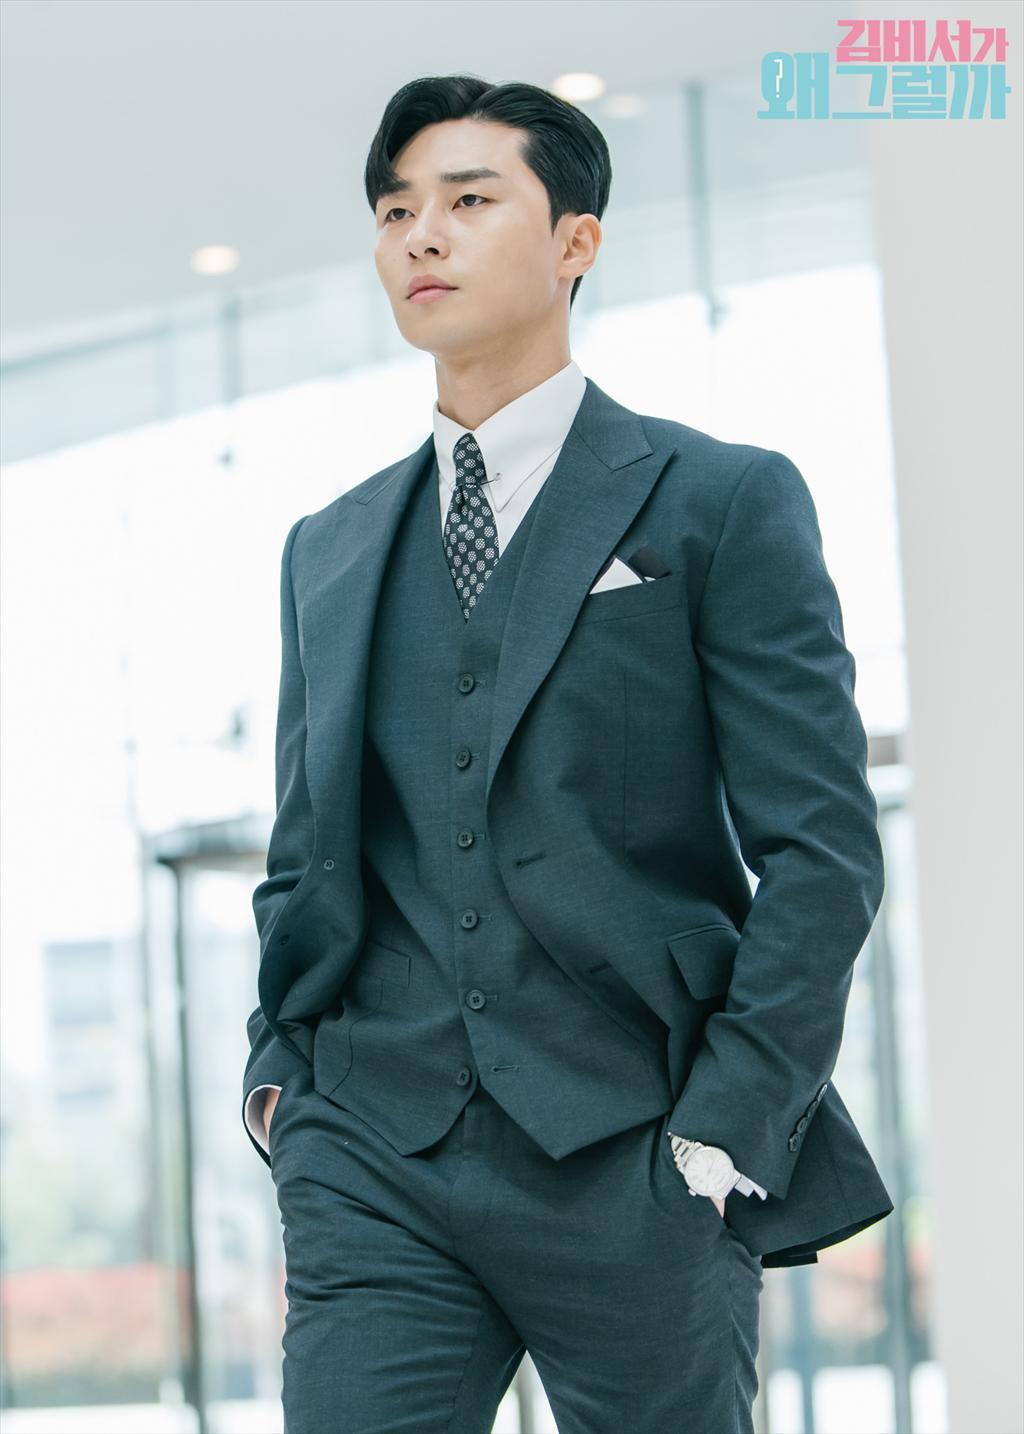 """Lạnh lùng, cool ngầu ư, bỏ qua hết, giờ là thời đại của các """"nam thần"""" mặt dày kiểu Park Seo Joon G8-1528277504125217572856"""